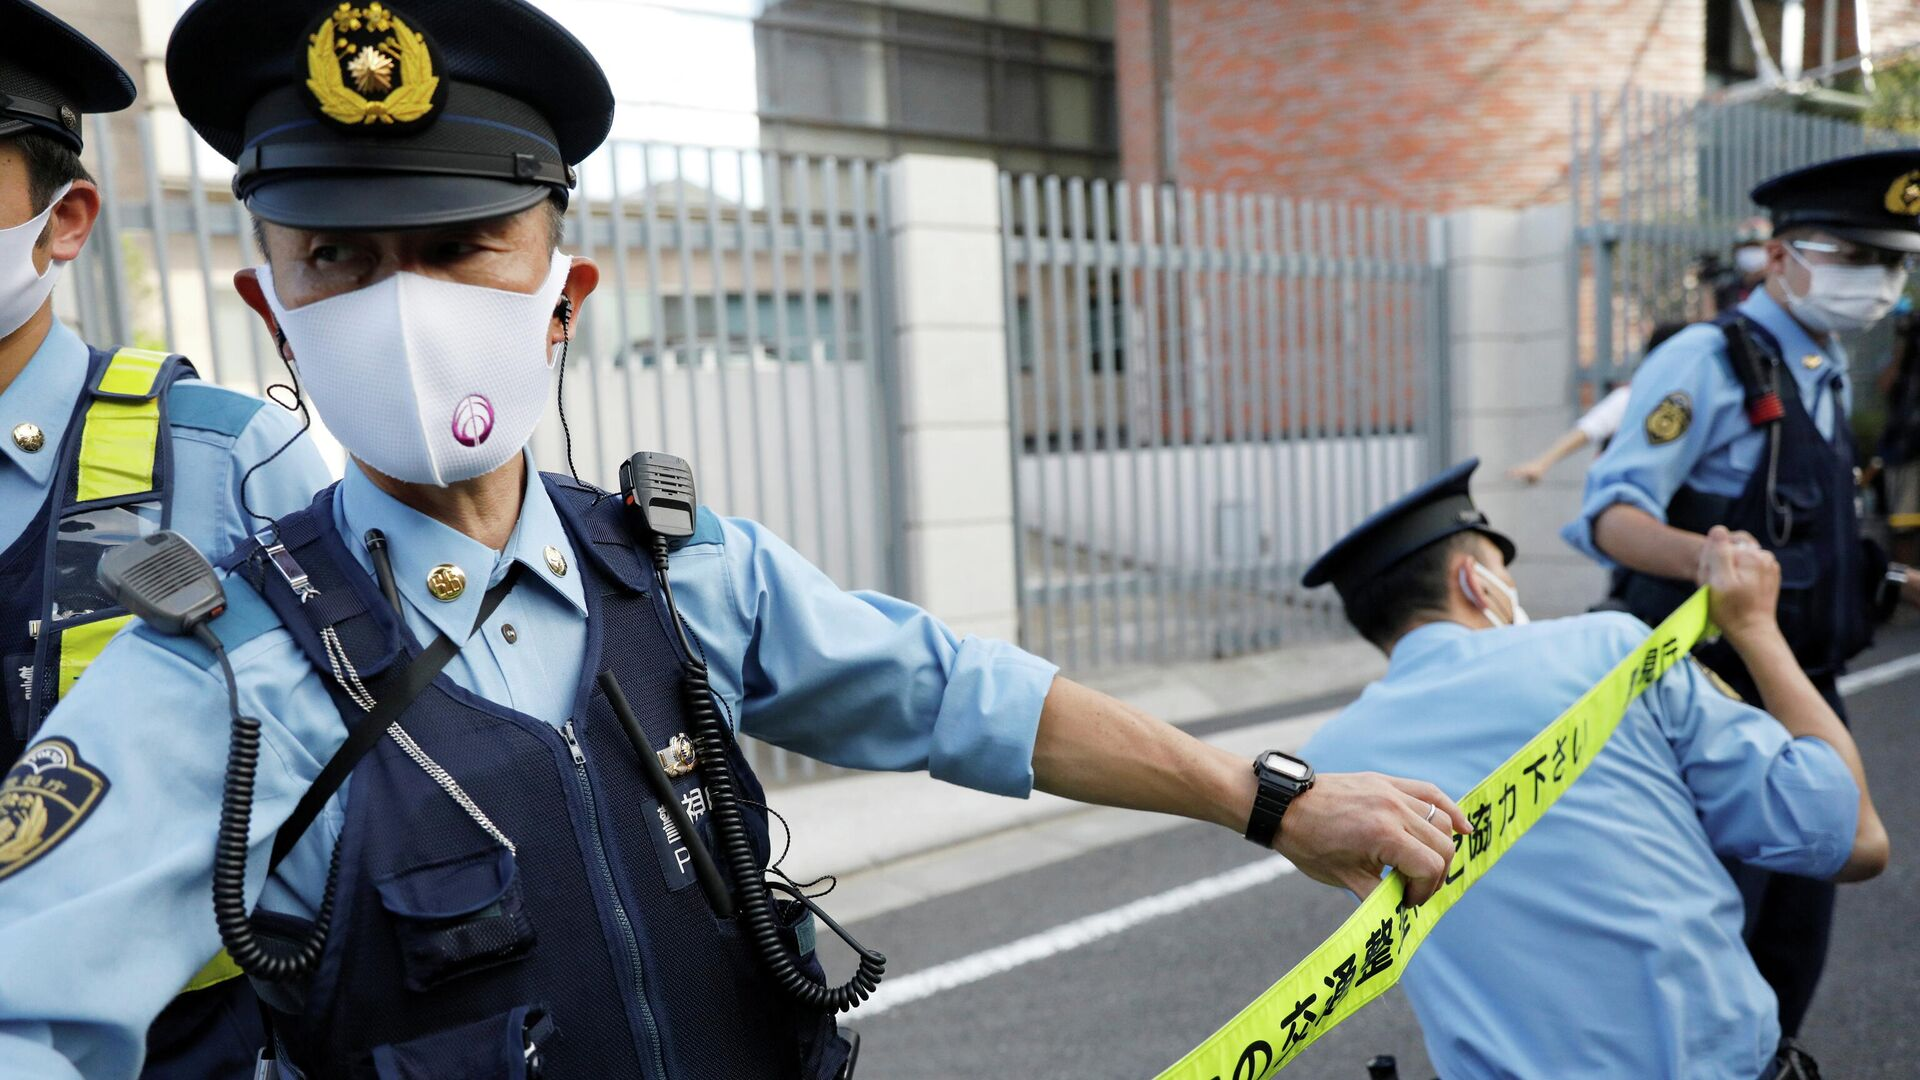 Полицейские оцепили польское посольство в Токио - РИА Новости, 1920, 04.08.2021